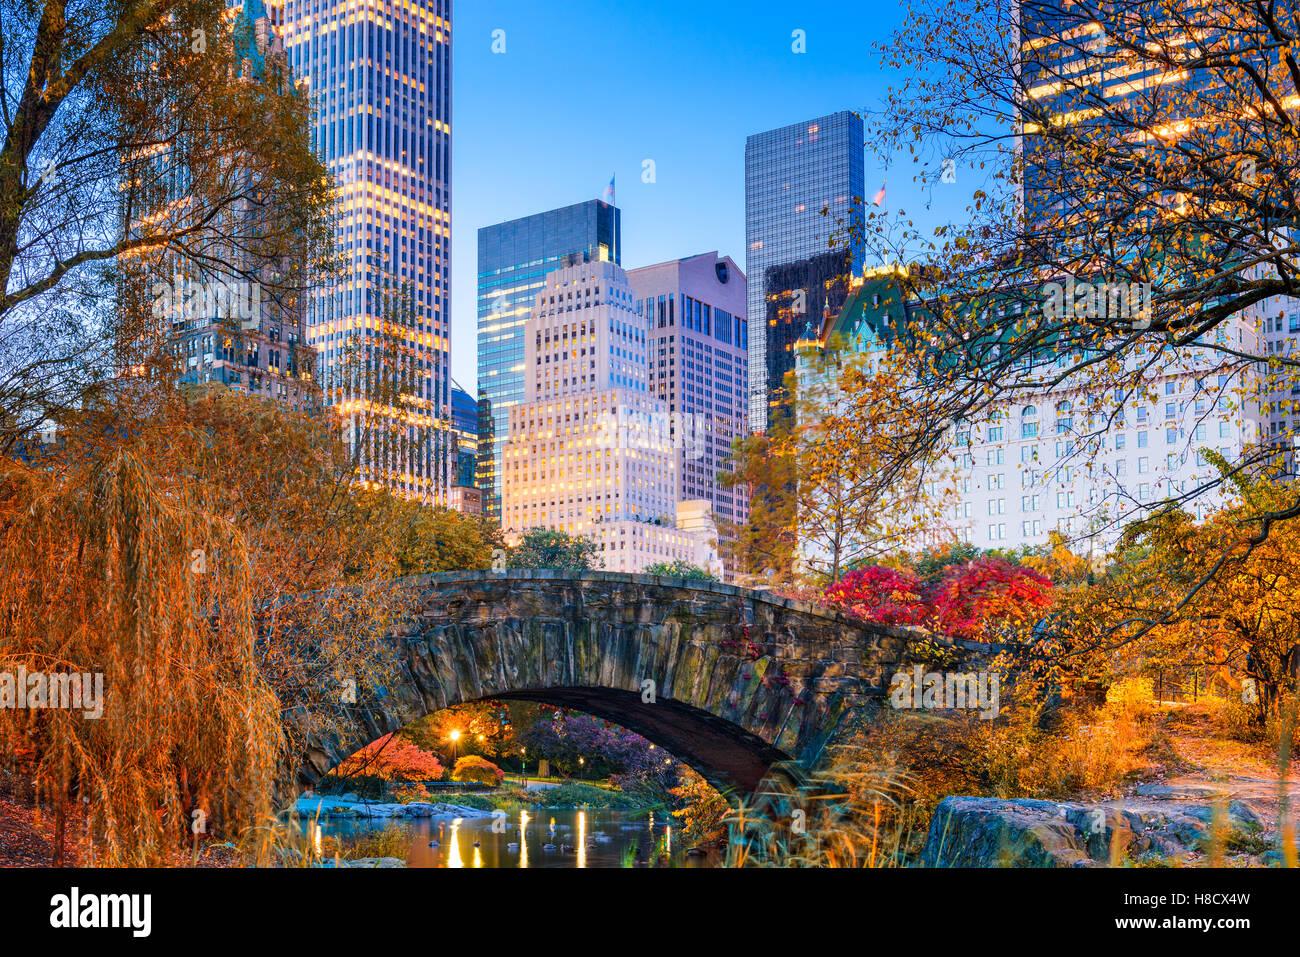 Central Park au cours de l'automne dans la ville de New York. Photo Stock